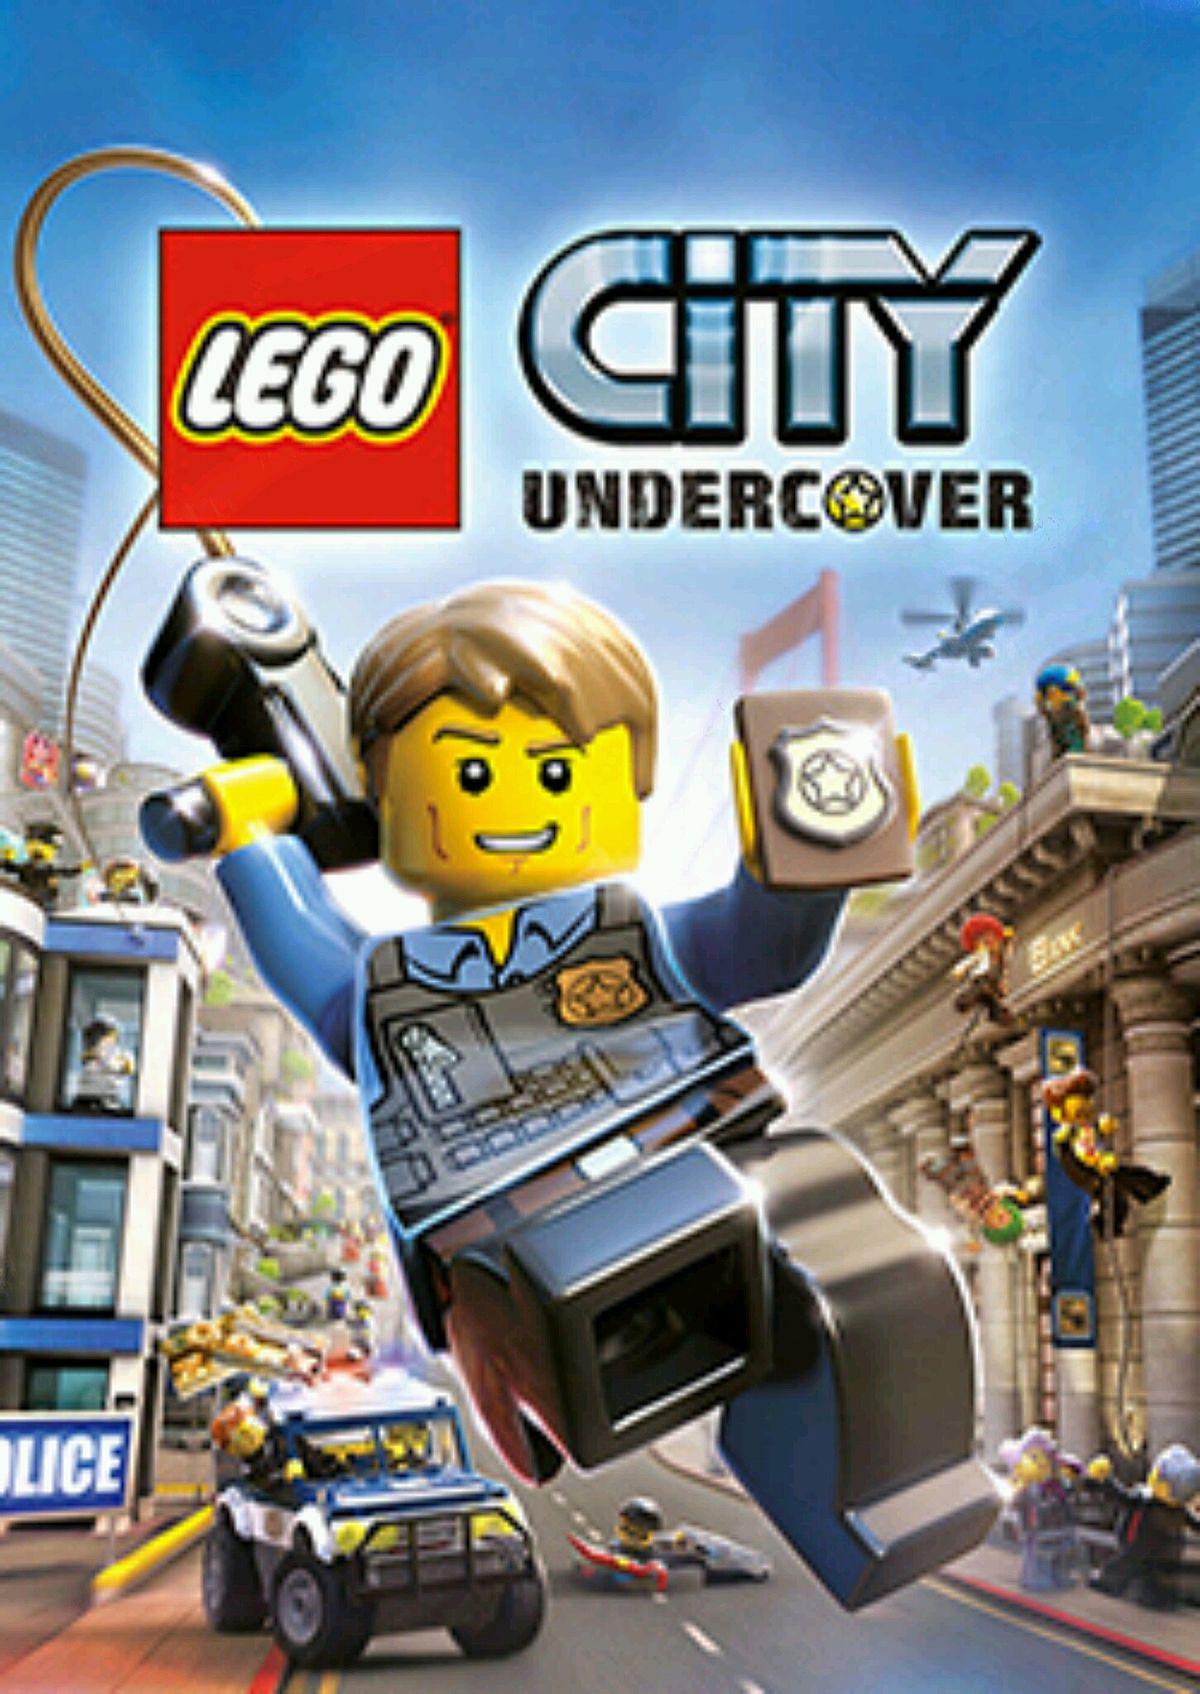 LEGO City Undercover (Цифровая версия)Присоединяйтесь! В самой разнообразной из всех игр LEGO вас уже ждет ее главный герой – полицейский под прикрытием Чейз Маккейн.<br>